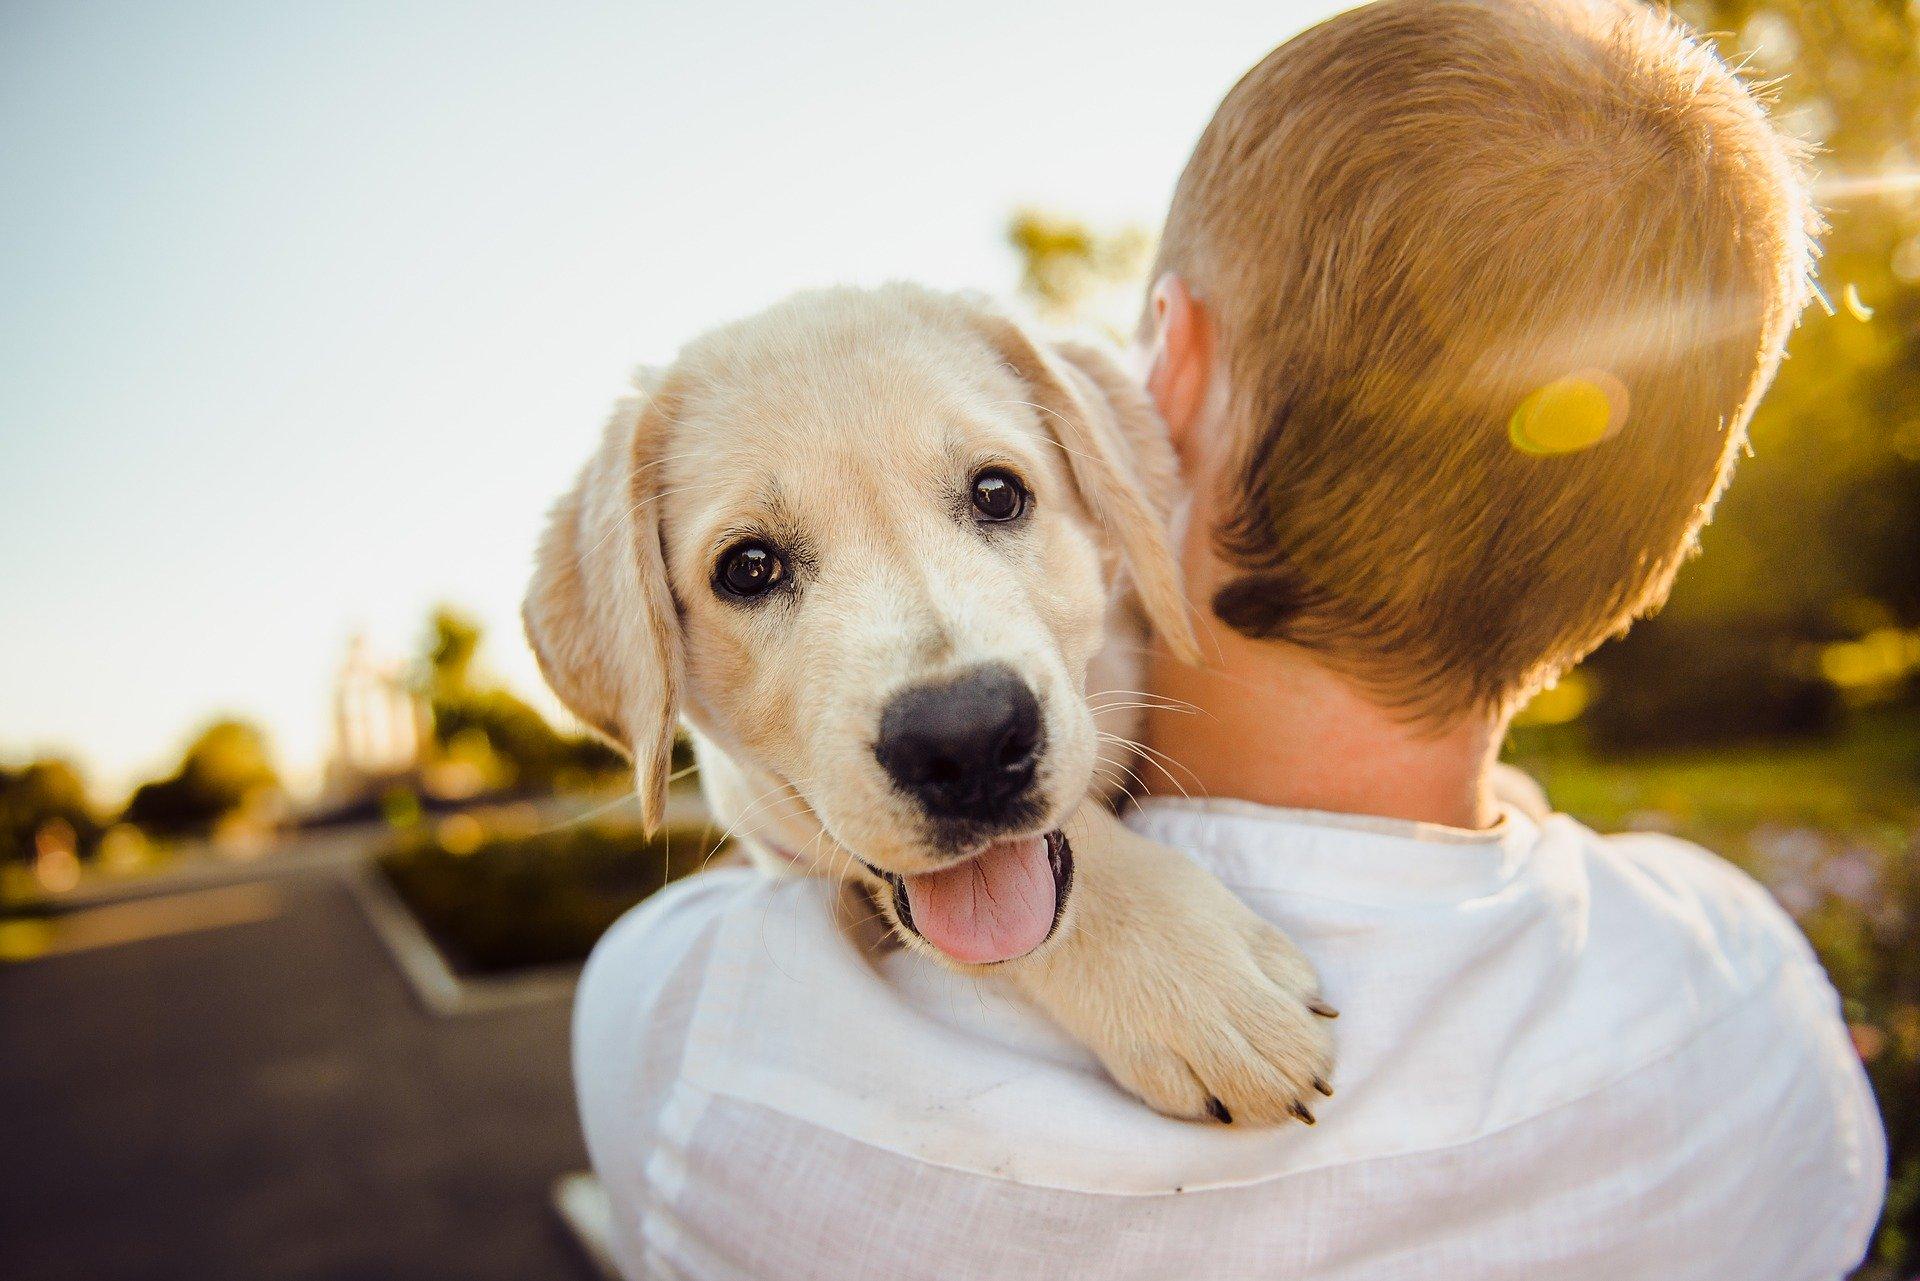 Wychowanie psa to proces, który wymaga konsekwencji i współpracy wszystkich członków rodziny.